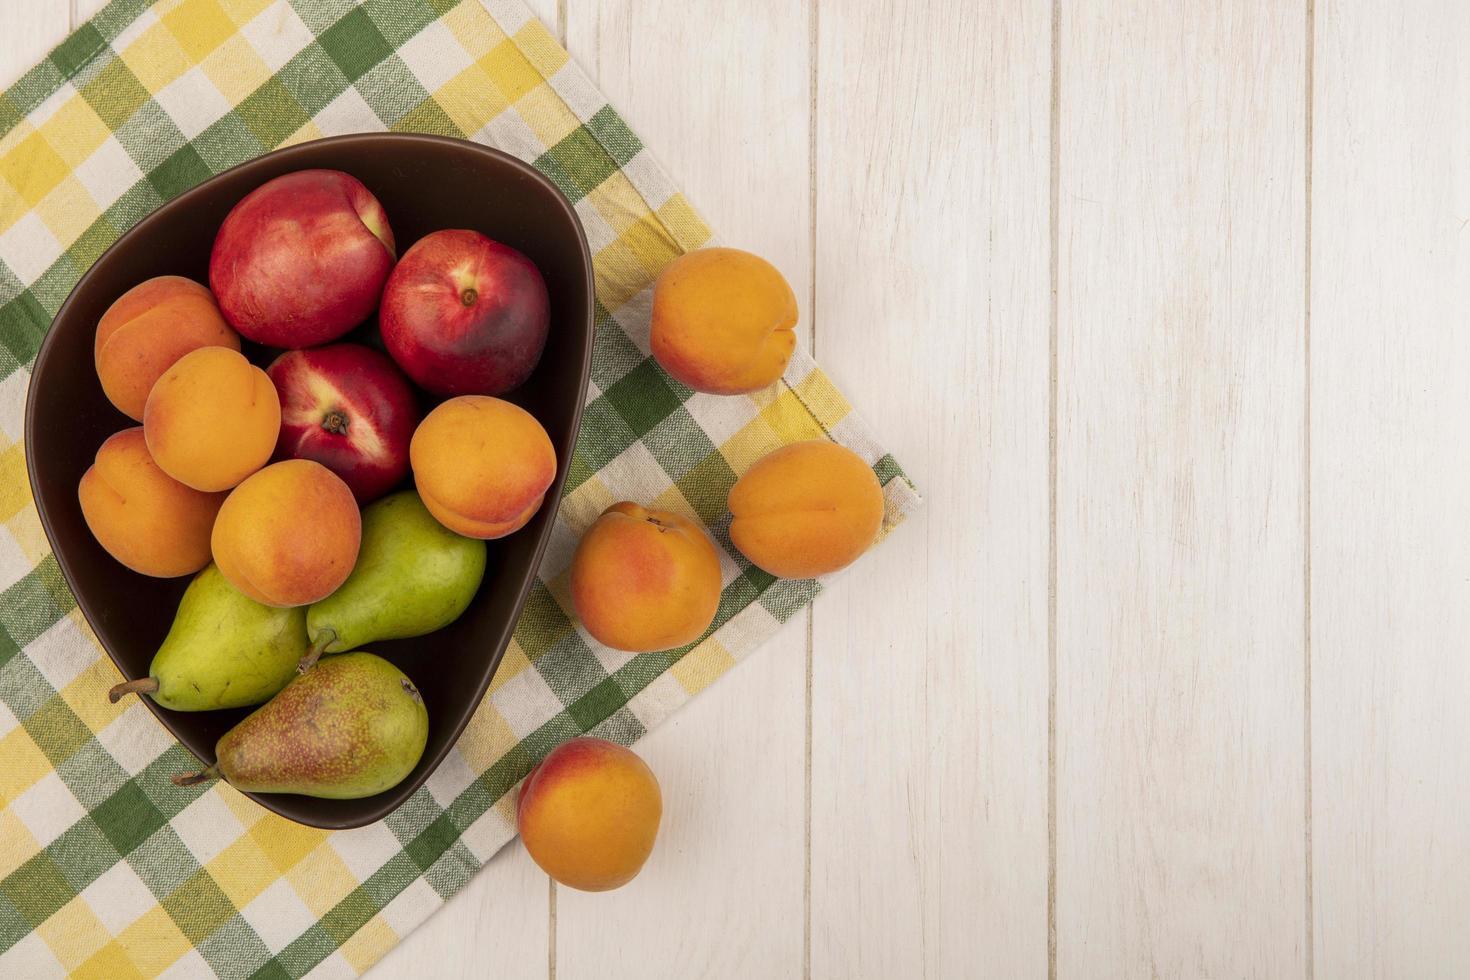 verschiedene Früchte auf kariertem Stoff und neutralem Hintergrund foto